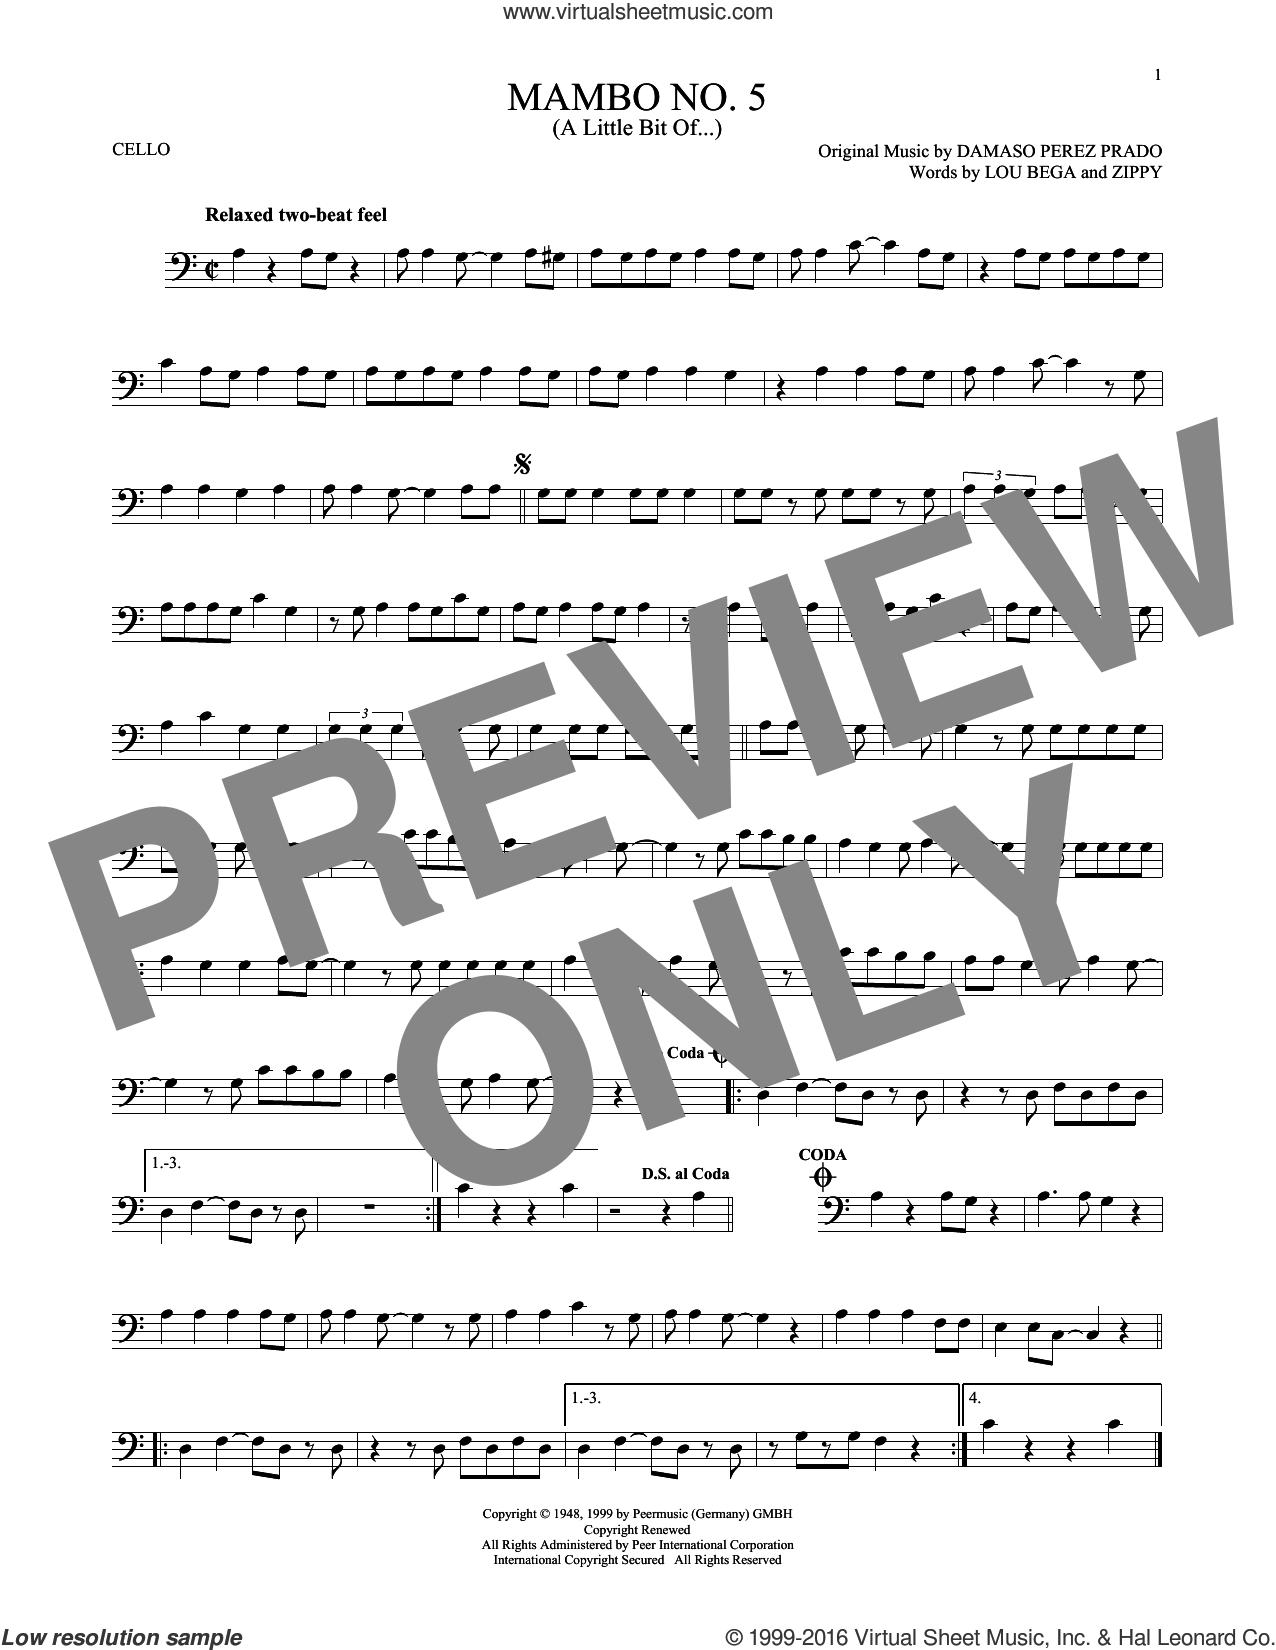 Mambo No. 5 (A Little Bit Of...) sheet music for cello solo by Lou Bega, Damaso Perez Prado and Zippy, intermediate skill level